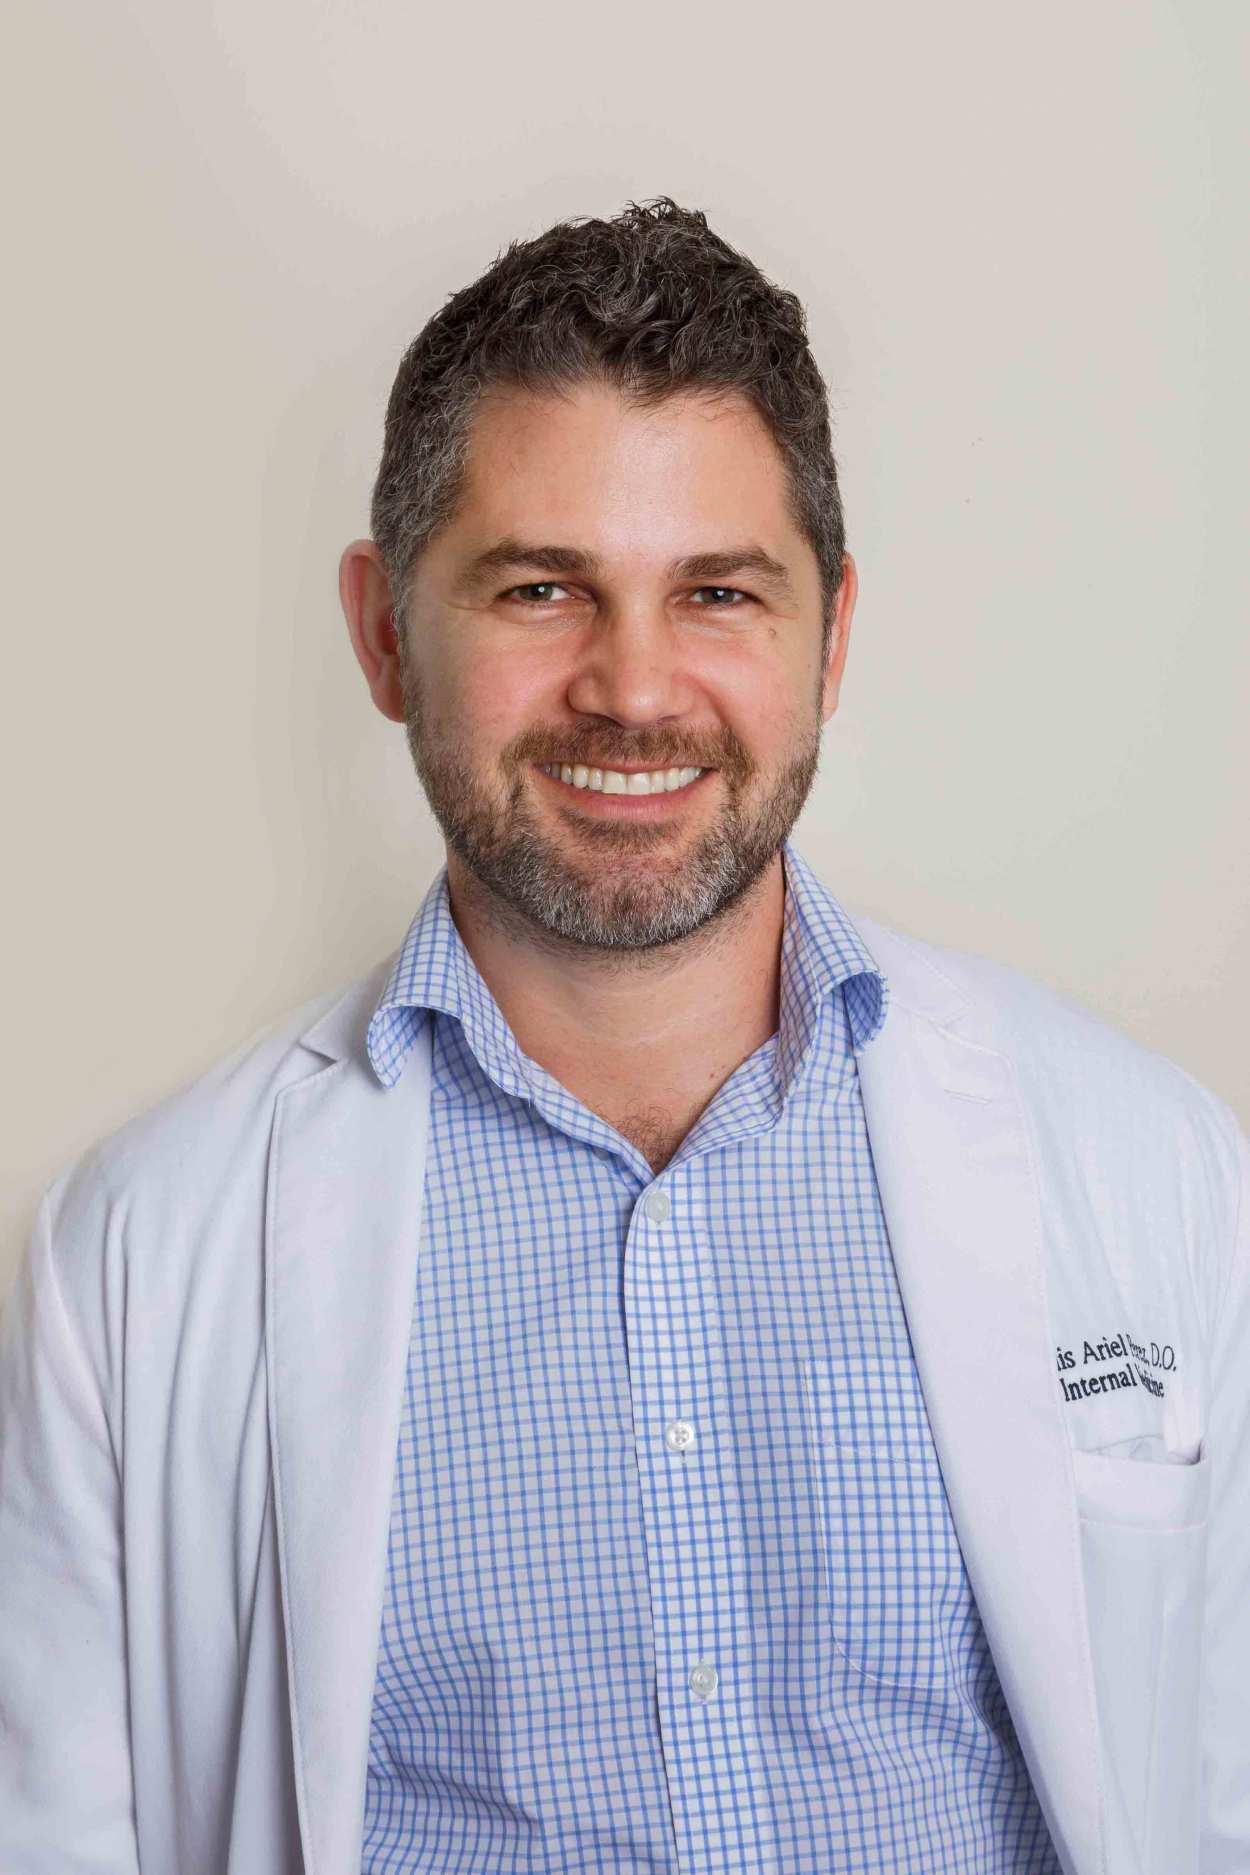 DR LUIS PEREZ